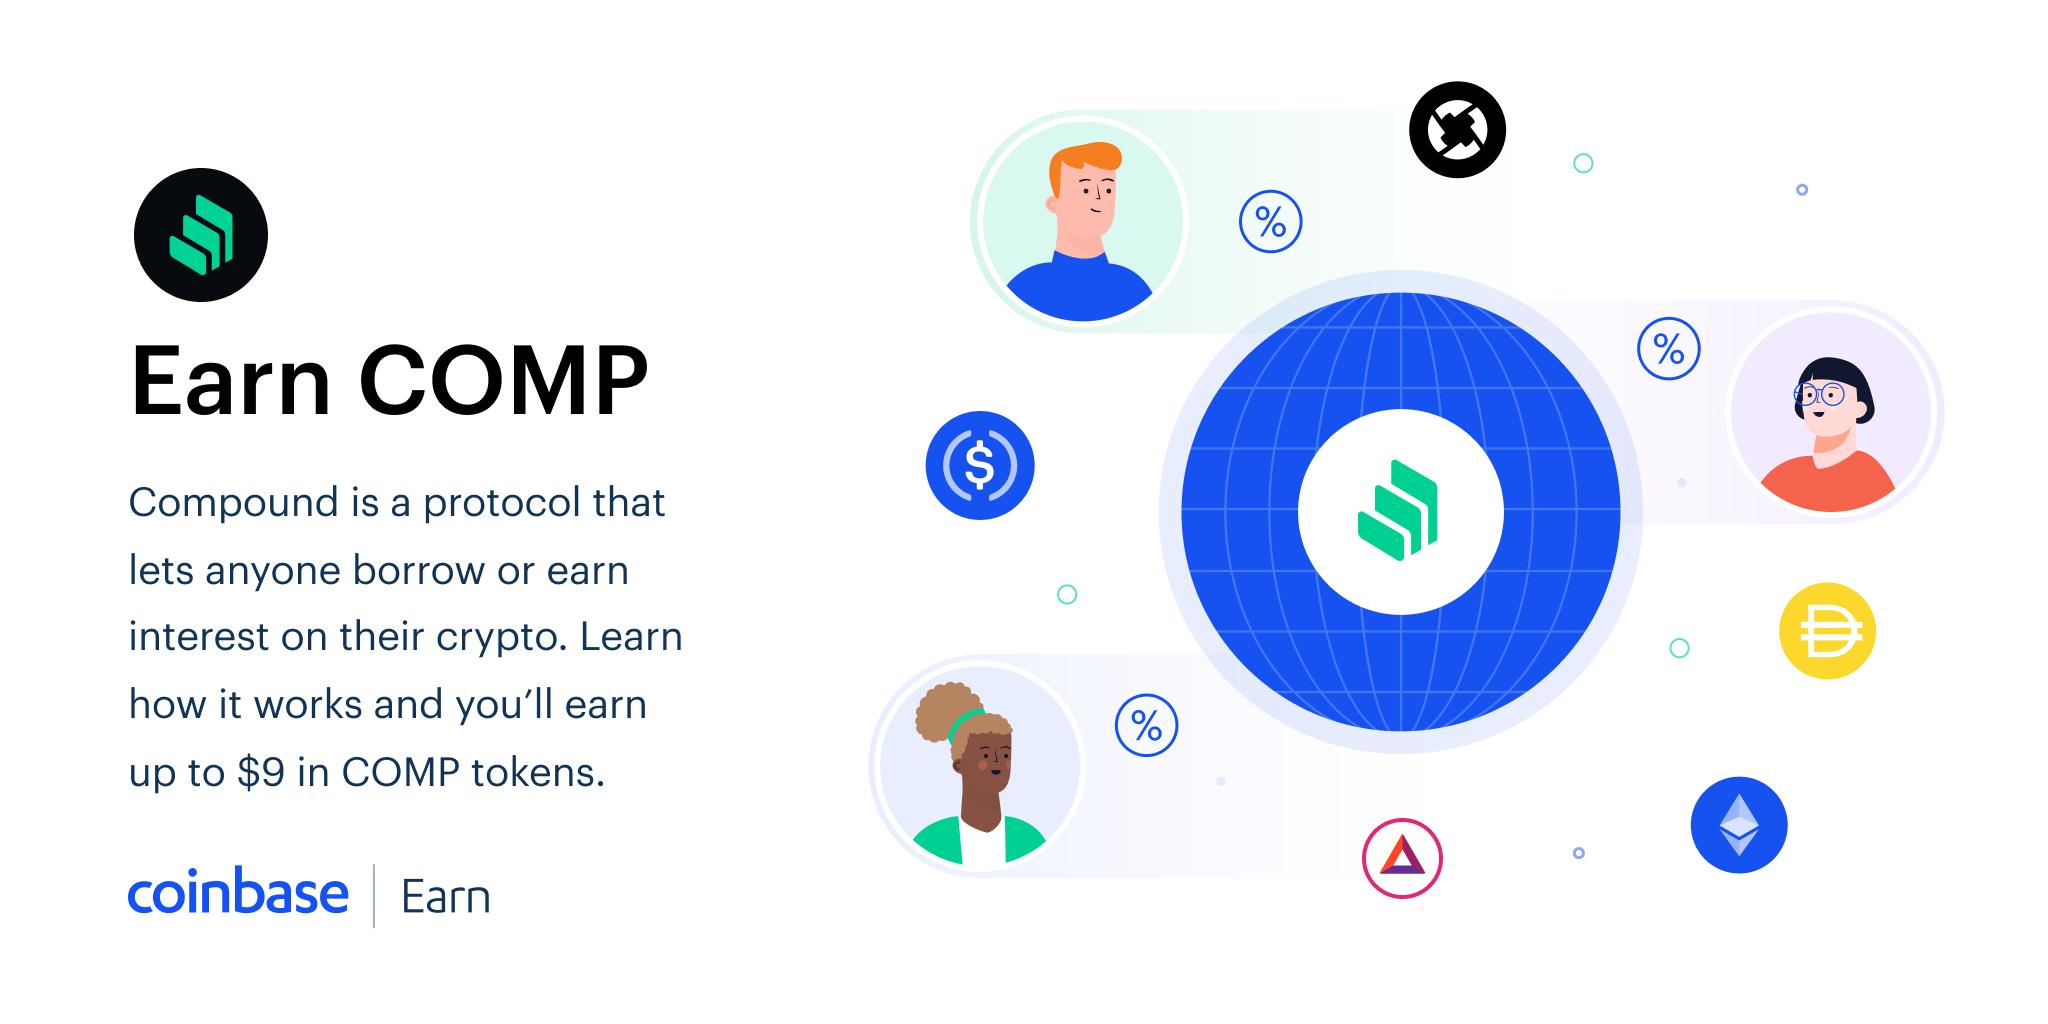 [Coinbase Earn] Compound (COMP) Kryptowährung im Wert von 9$ verdienen